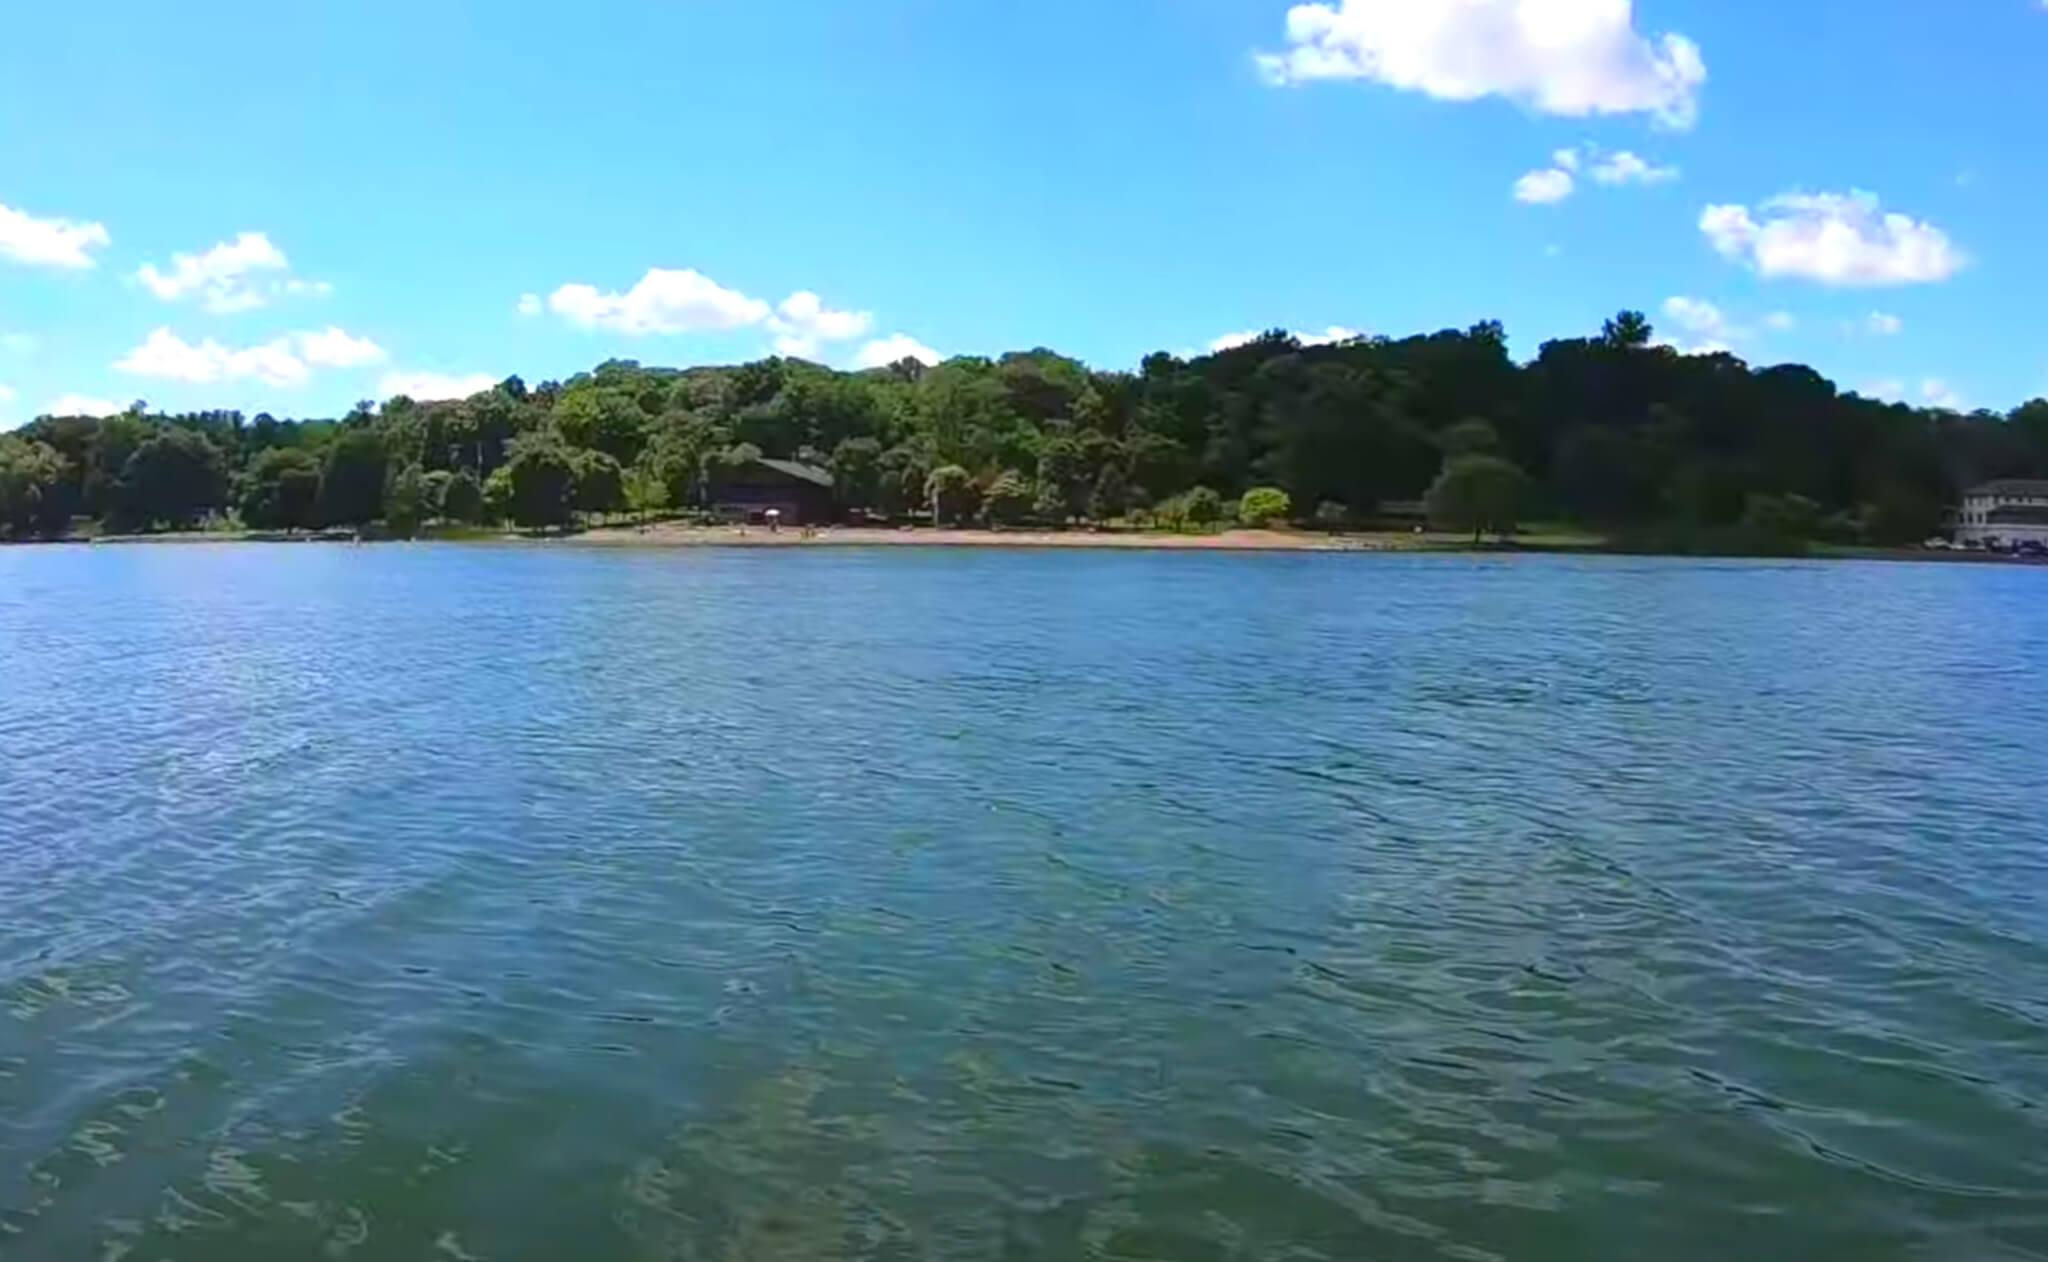 Cayuga-Lake-Fishing-Report-Guide-New-York-NY-06